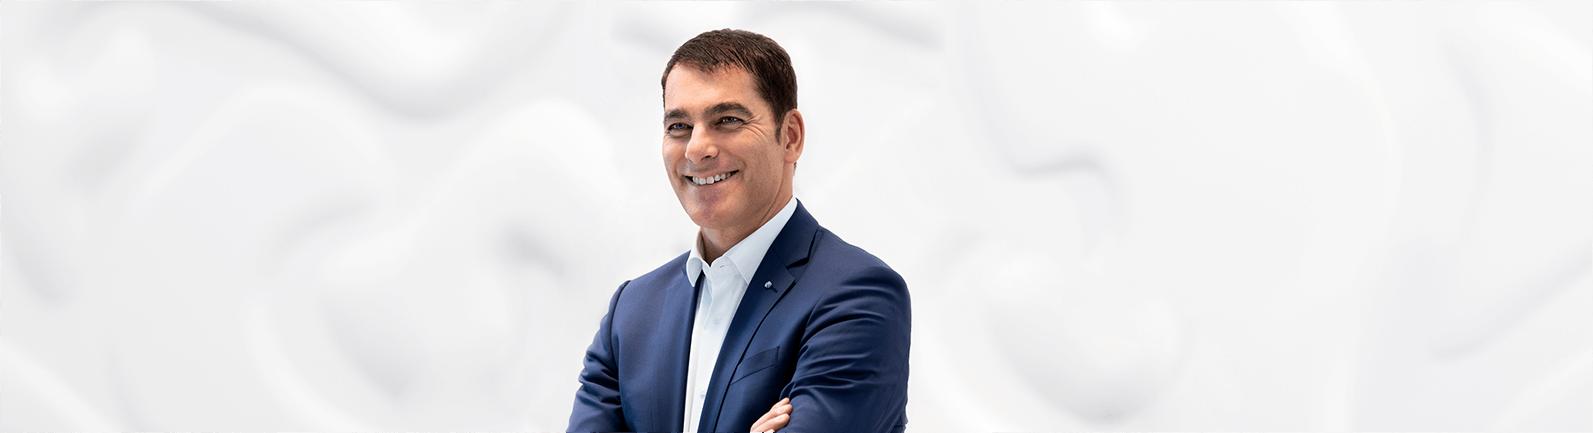 Stefan Vilsmeier Brainlab President and CEO